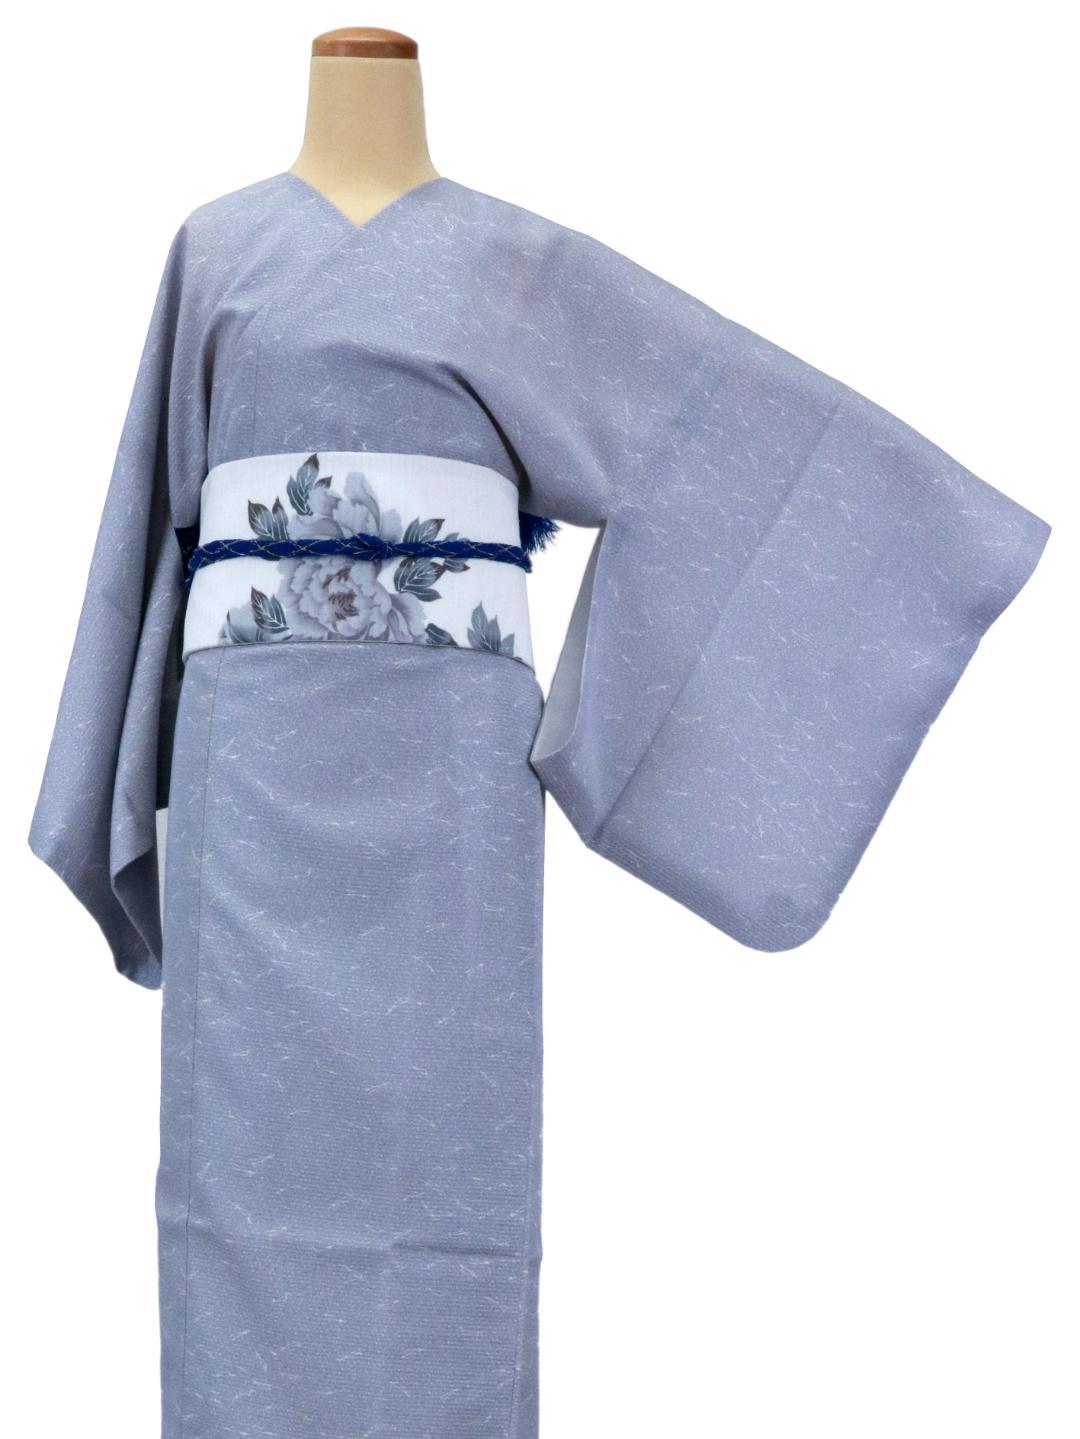 【日本製】 単品(衿なし)高級夏着物 絽 [薄青系色無地(地模様入り)][N041][STサイズ]画像